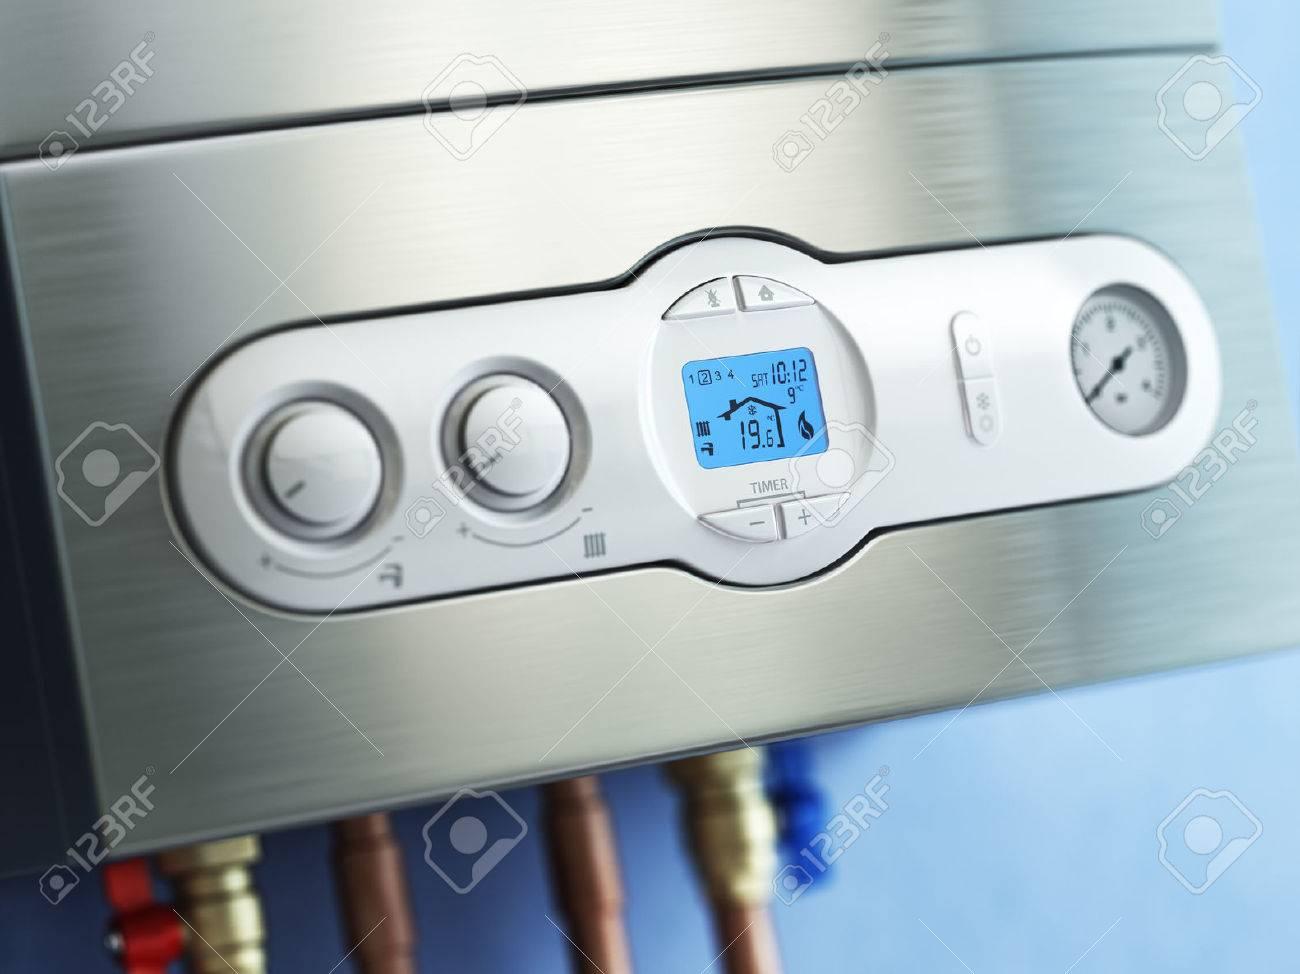 Gas Boiler Control Panel. Gas Boiler Home Heating. 3d Stock Photo ...